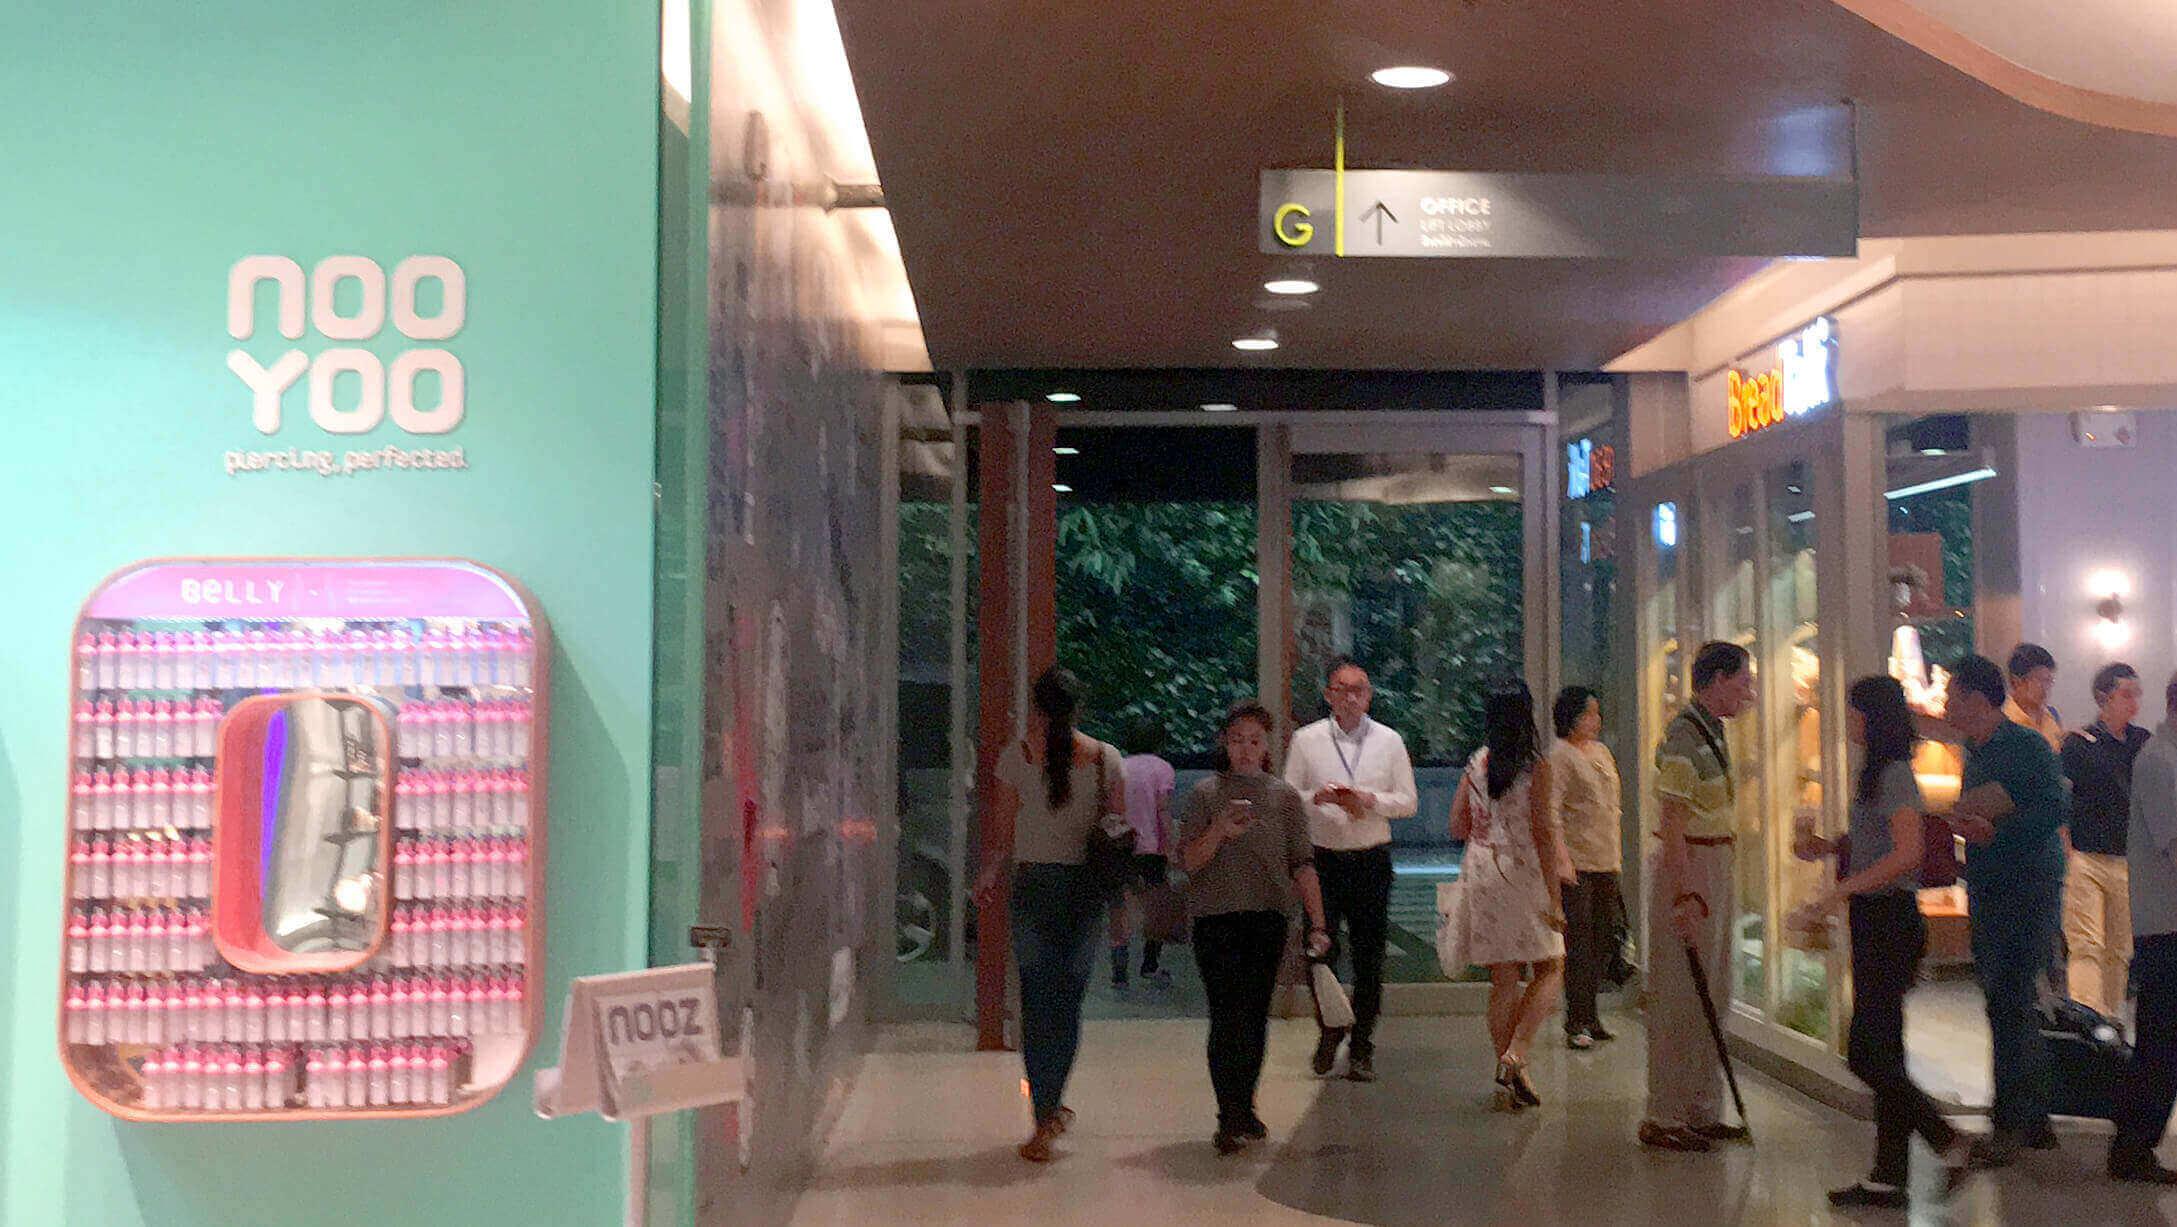 サラデーン オフィス 「Silom Complex」 サラデーン駅からの道のり2